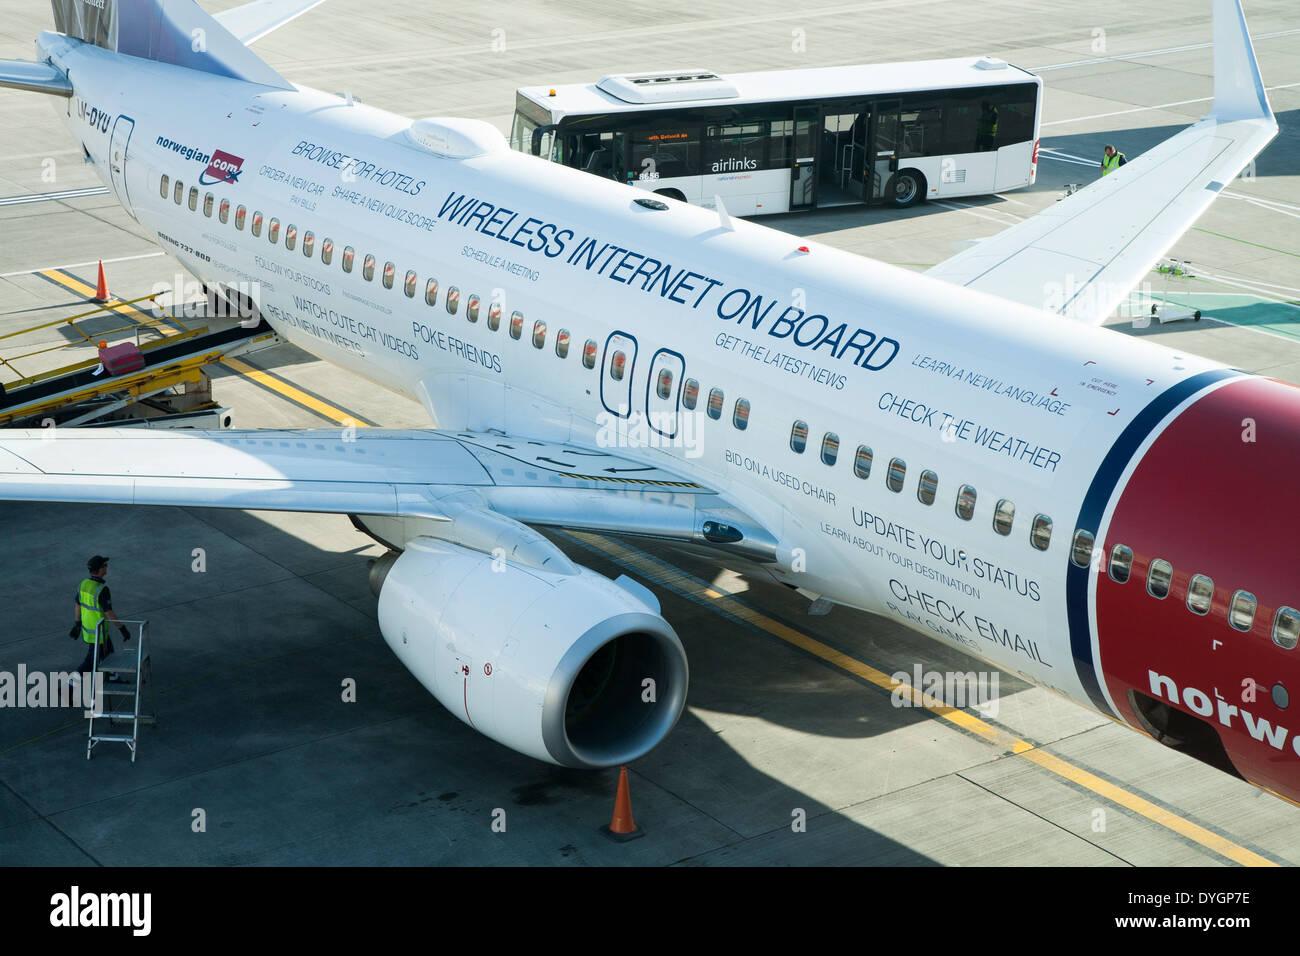 Norwegian.com Flugzeug / Flugzeug gemalt zu fördern / Werbung kostenlos mobiles Internet WIFI für Passagiere Stockbild